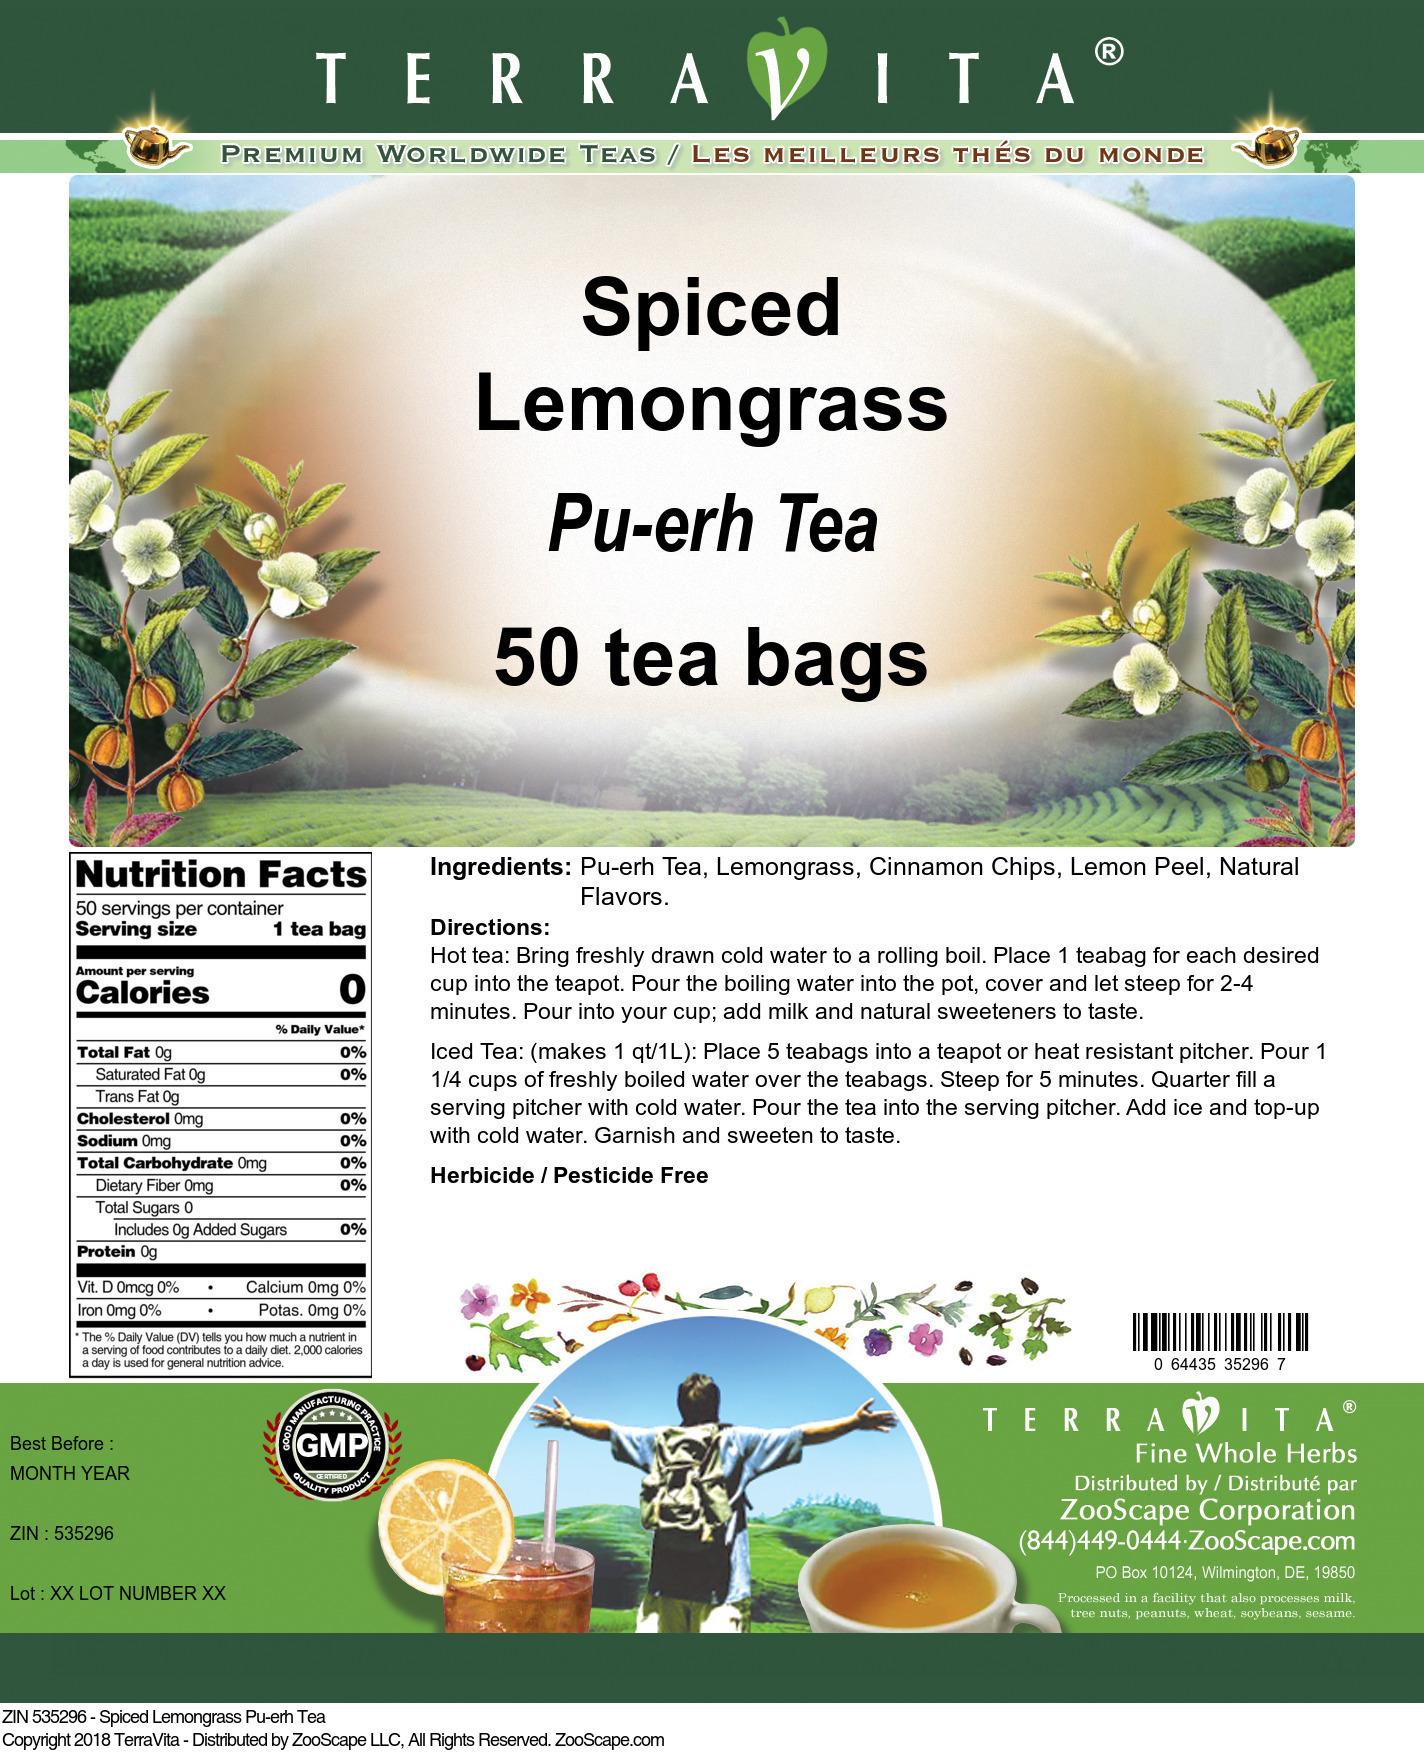 Spiced Lemongrass Pu-erh Tea